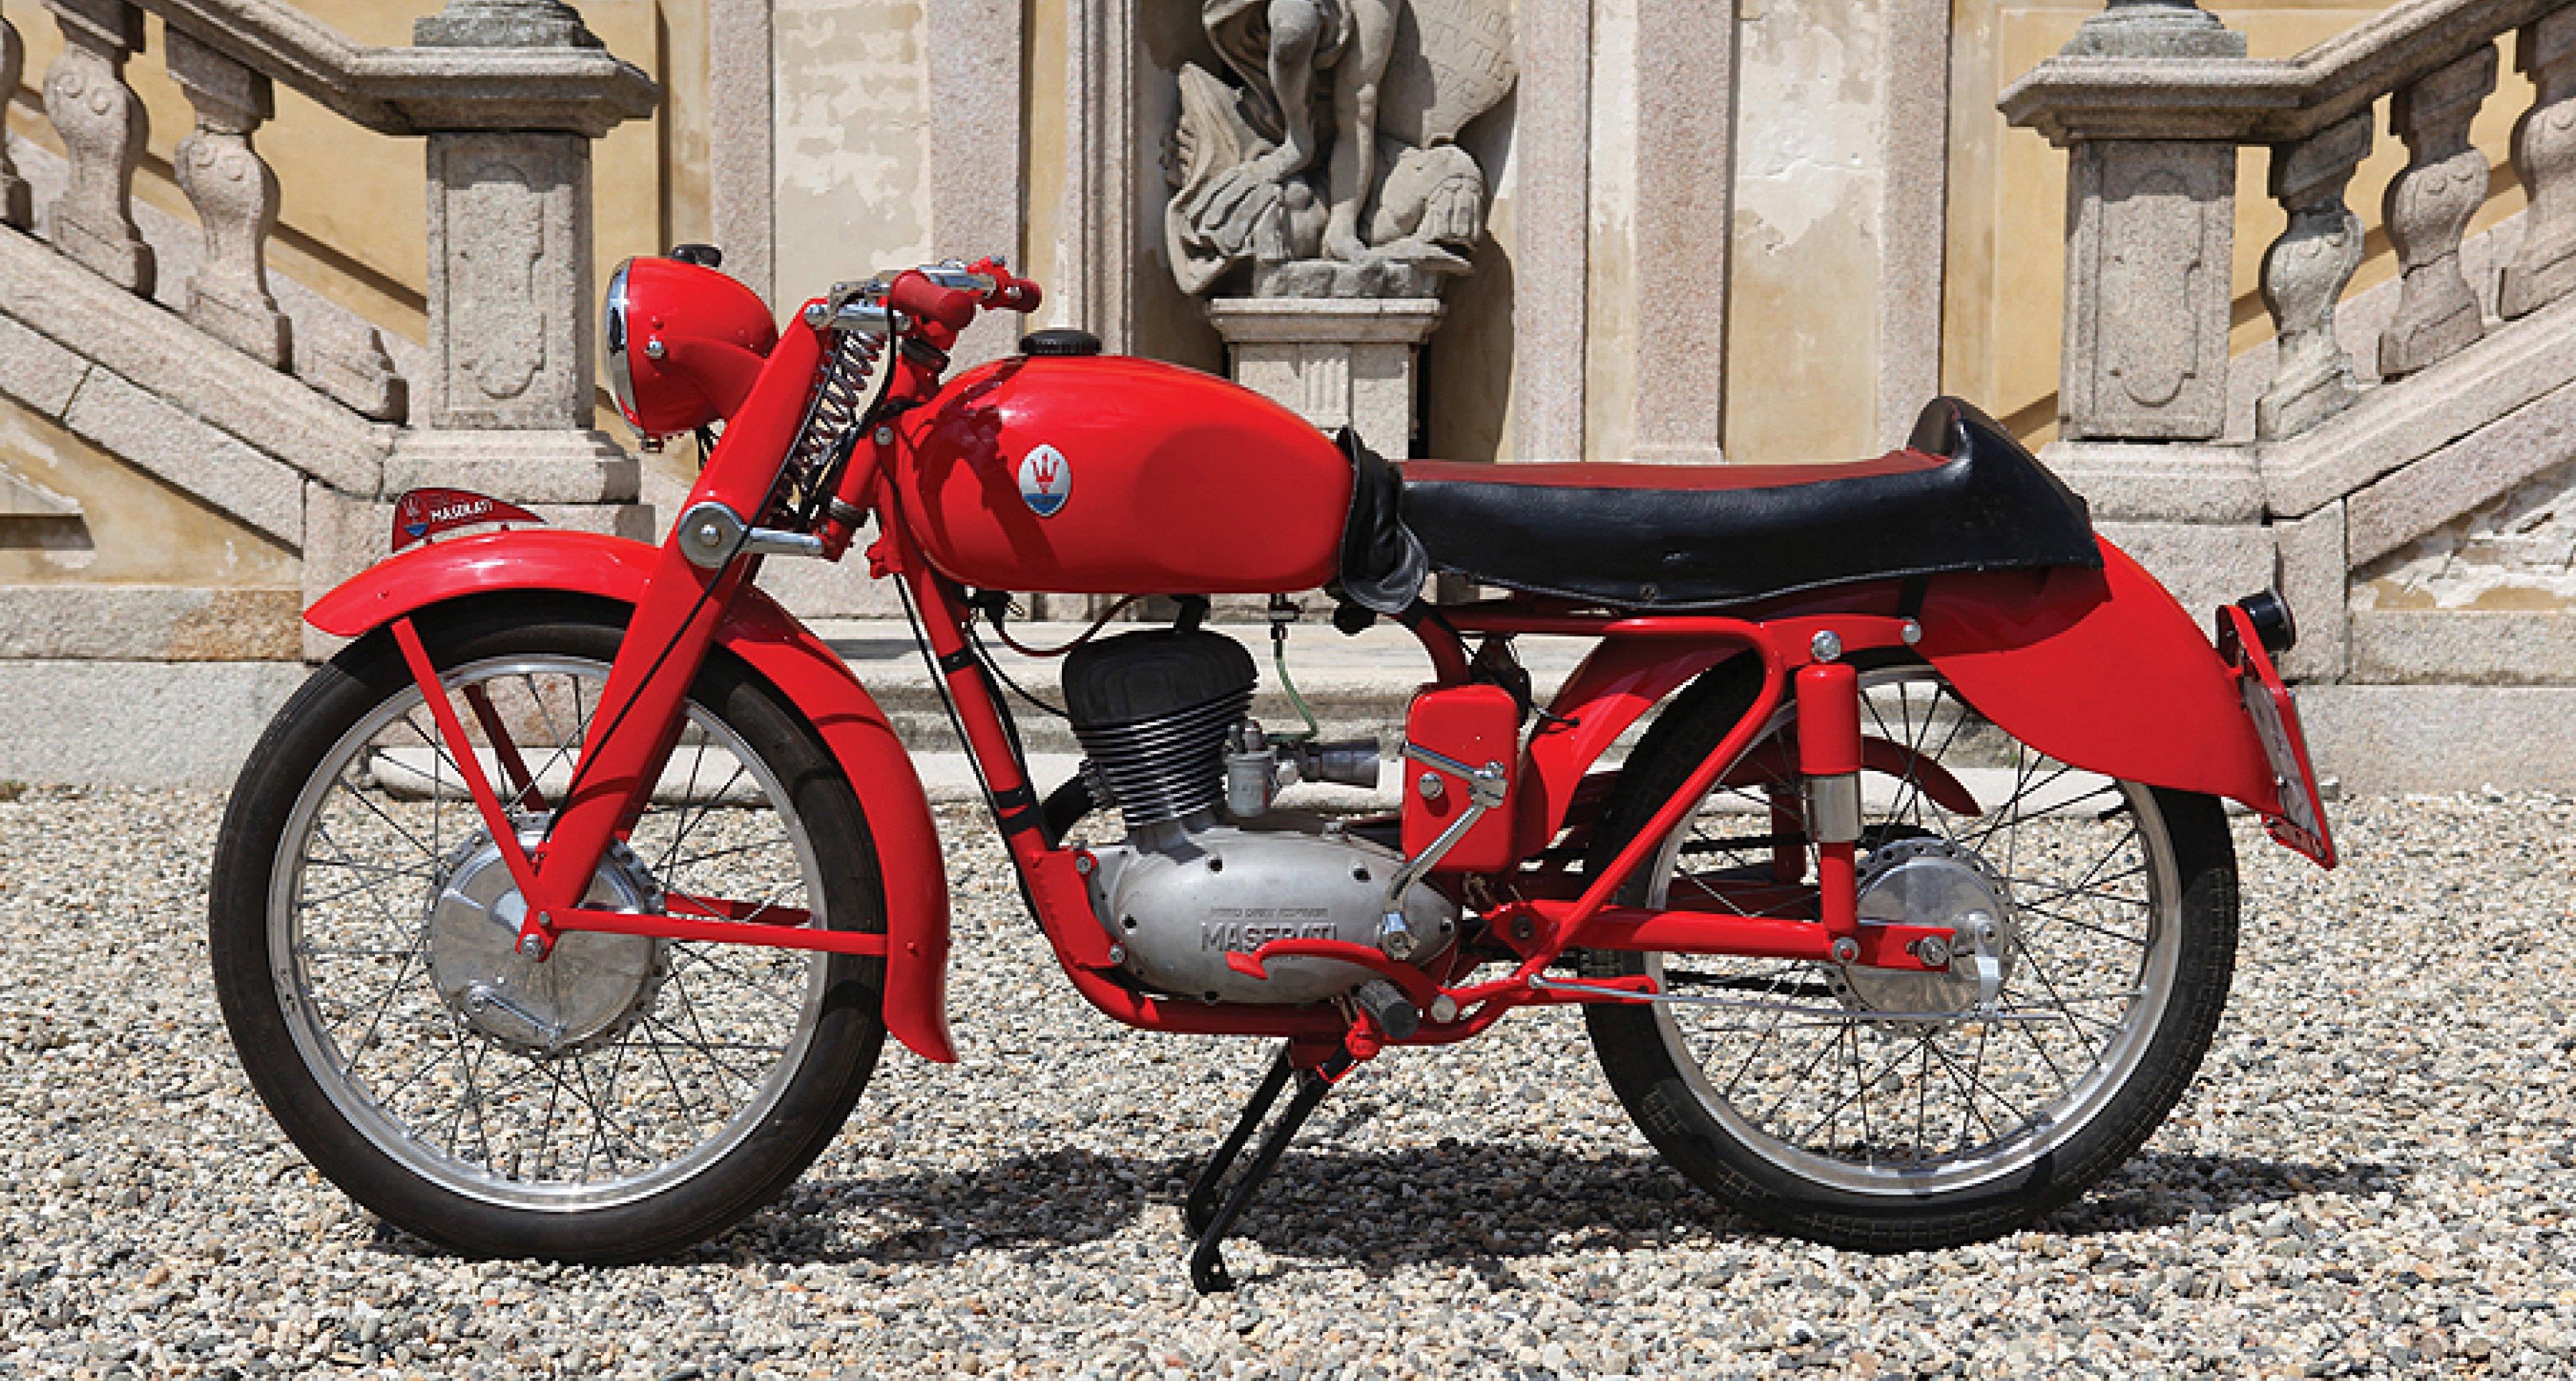 Zweirad mit Dreizack: Maserati-Motorrad von 1953 wird versteigert